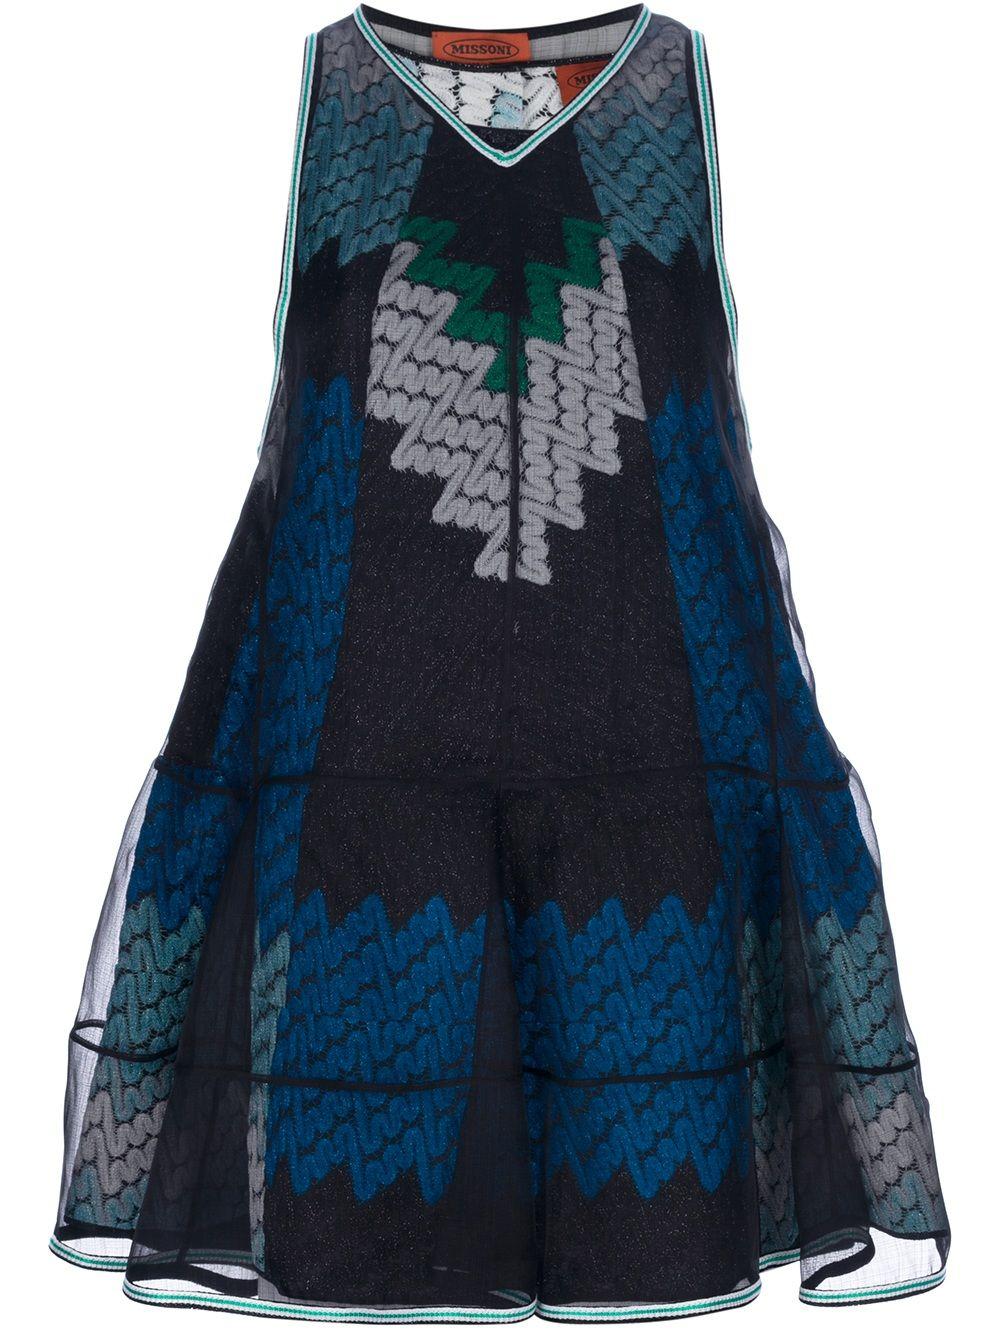 Missoni Layered Pattern Knit Dress in Black | Lyst